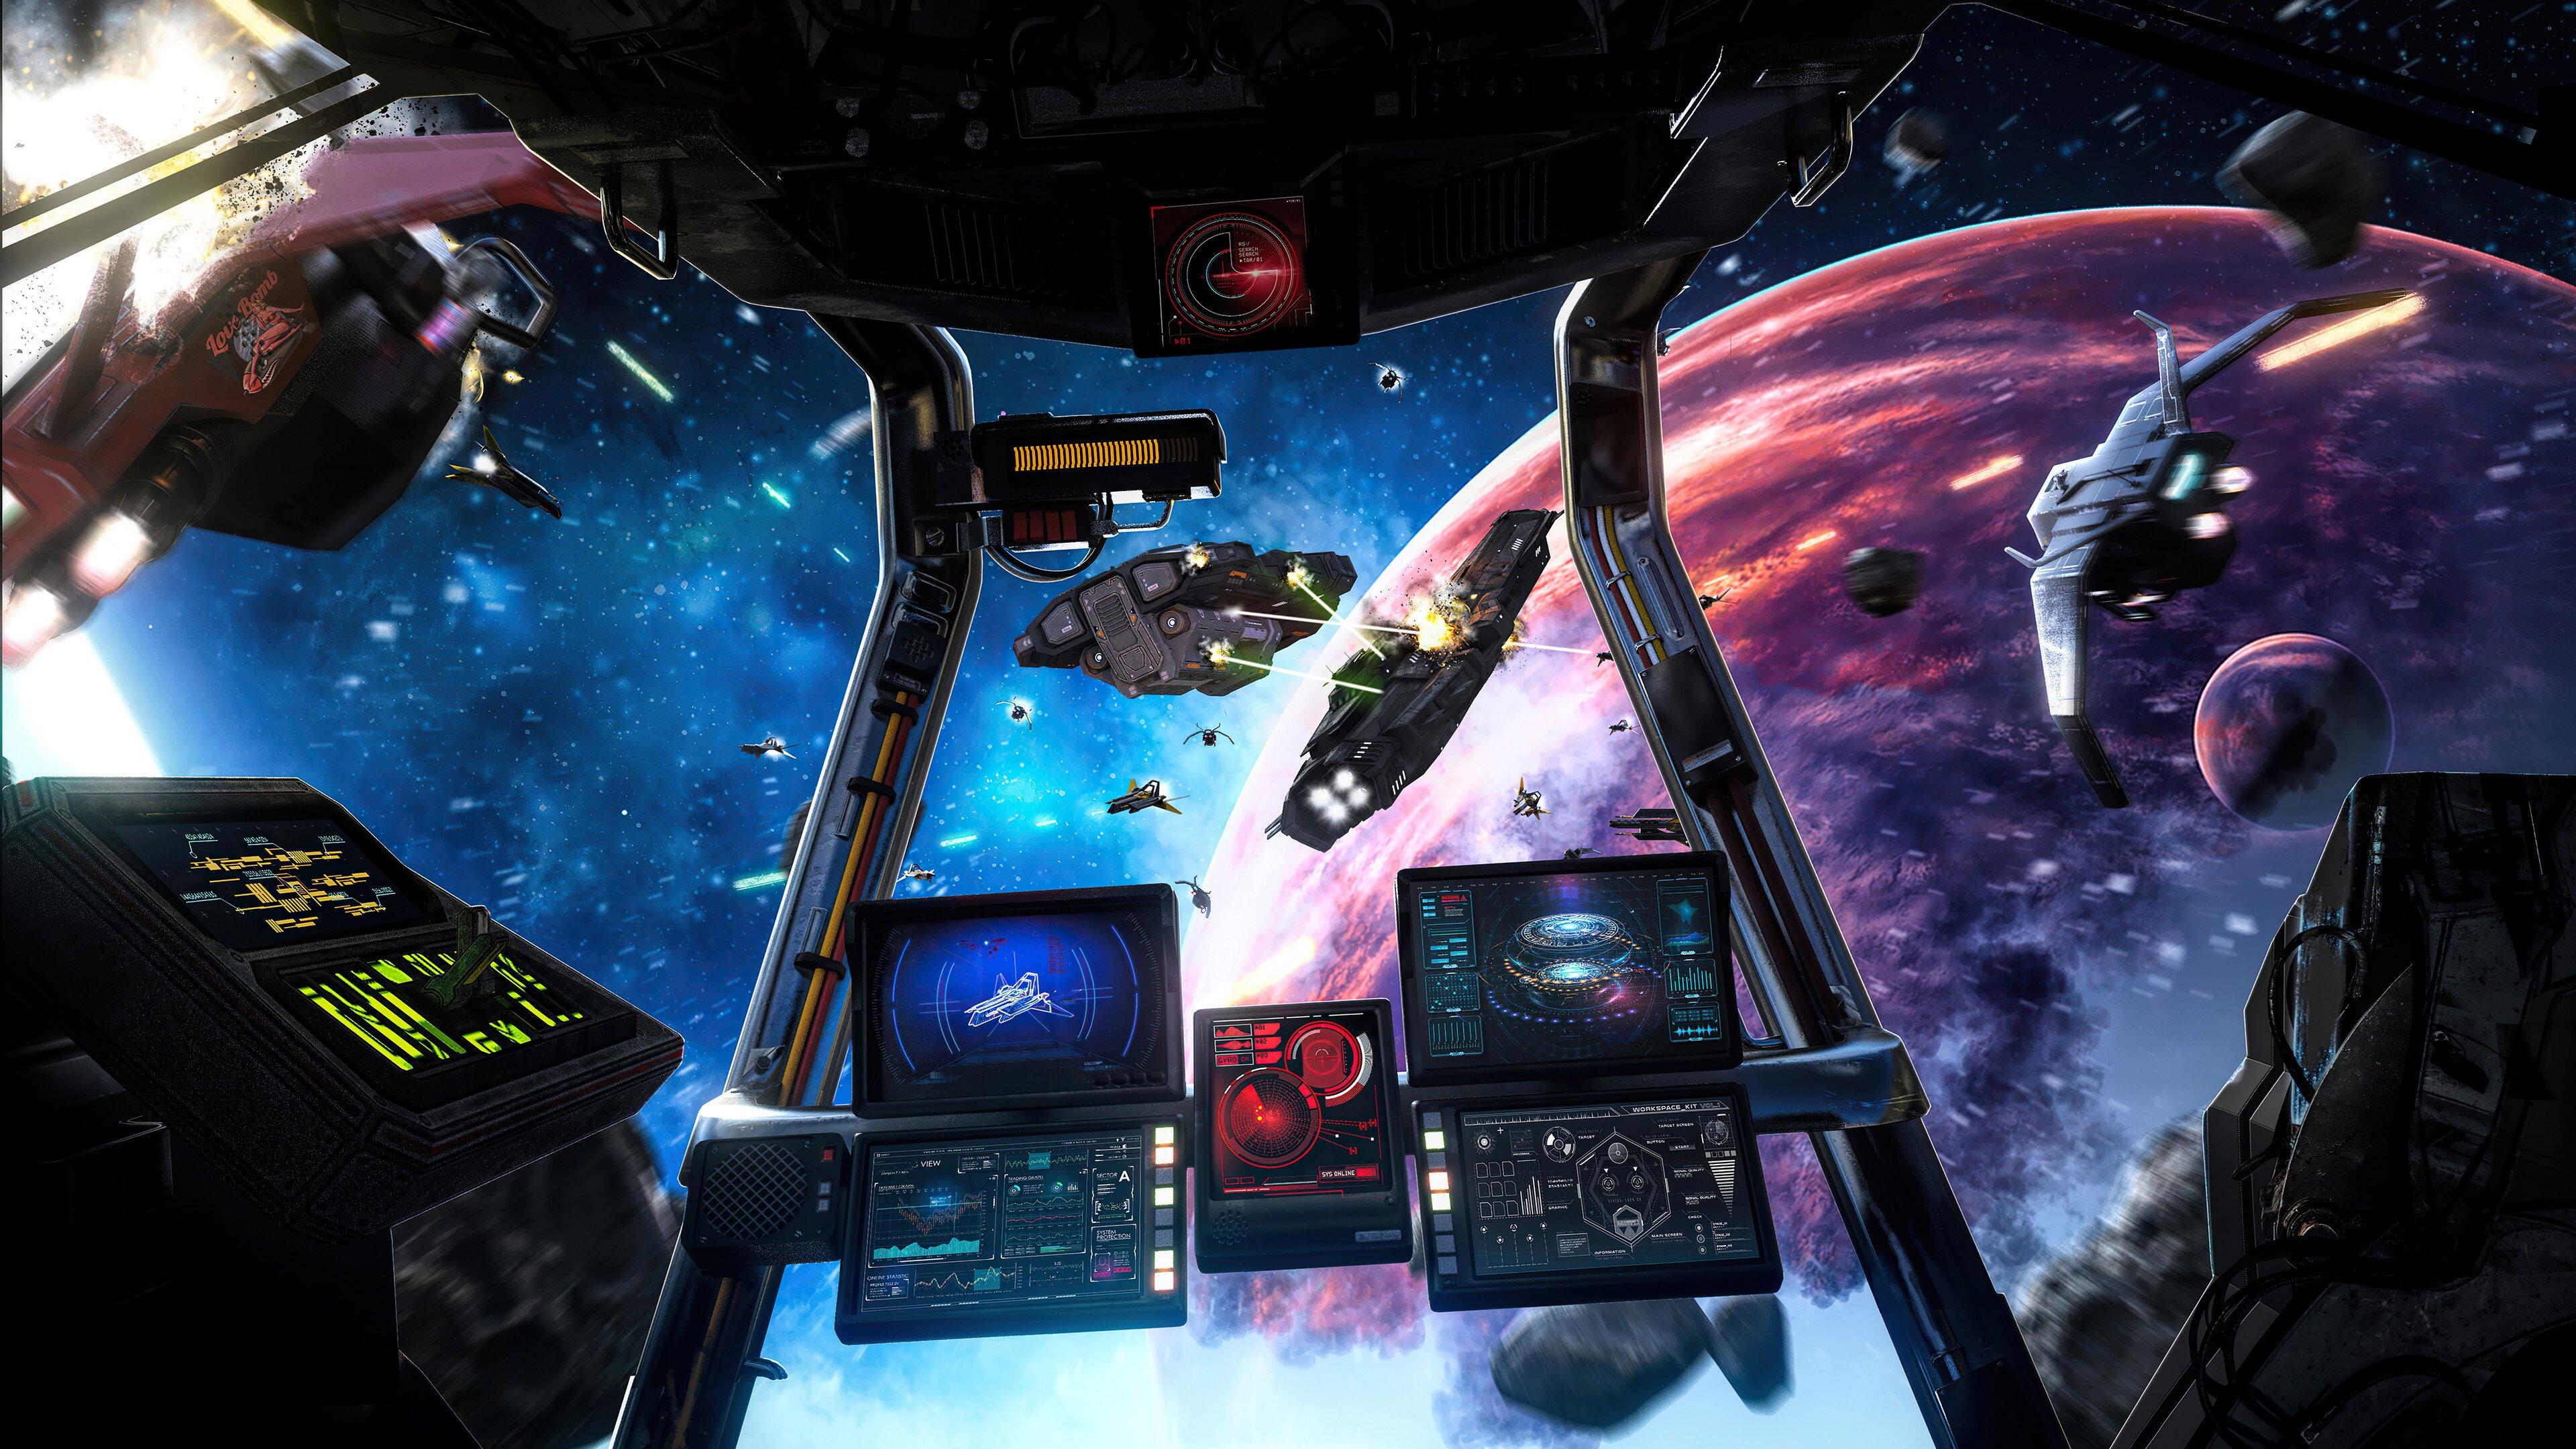 Fondos de pantalla Nave espacial en batalla